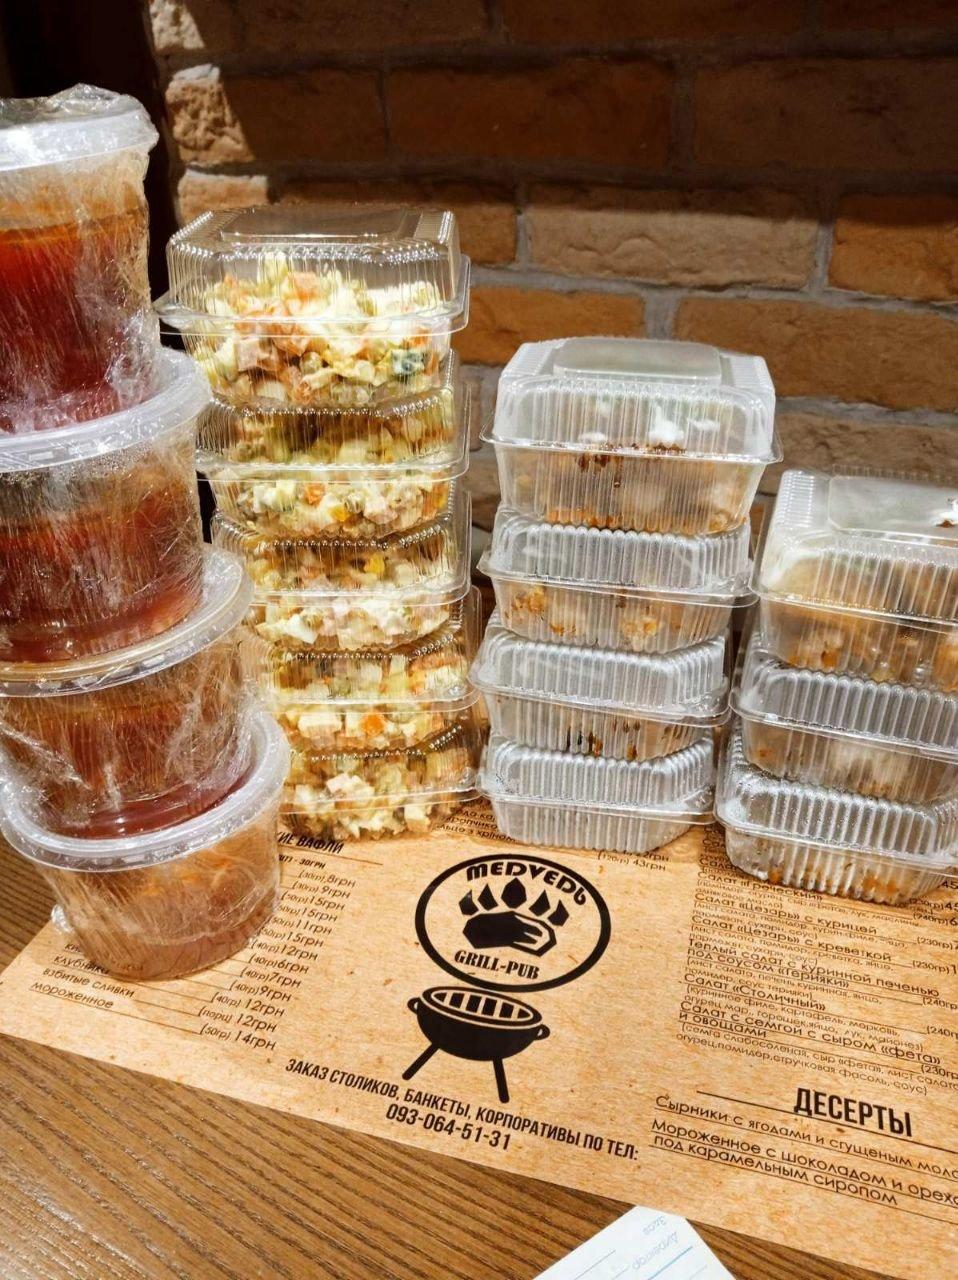 Доставка еды в Кривом Роге, заказ вкусной еды на дом, фото-16